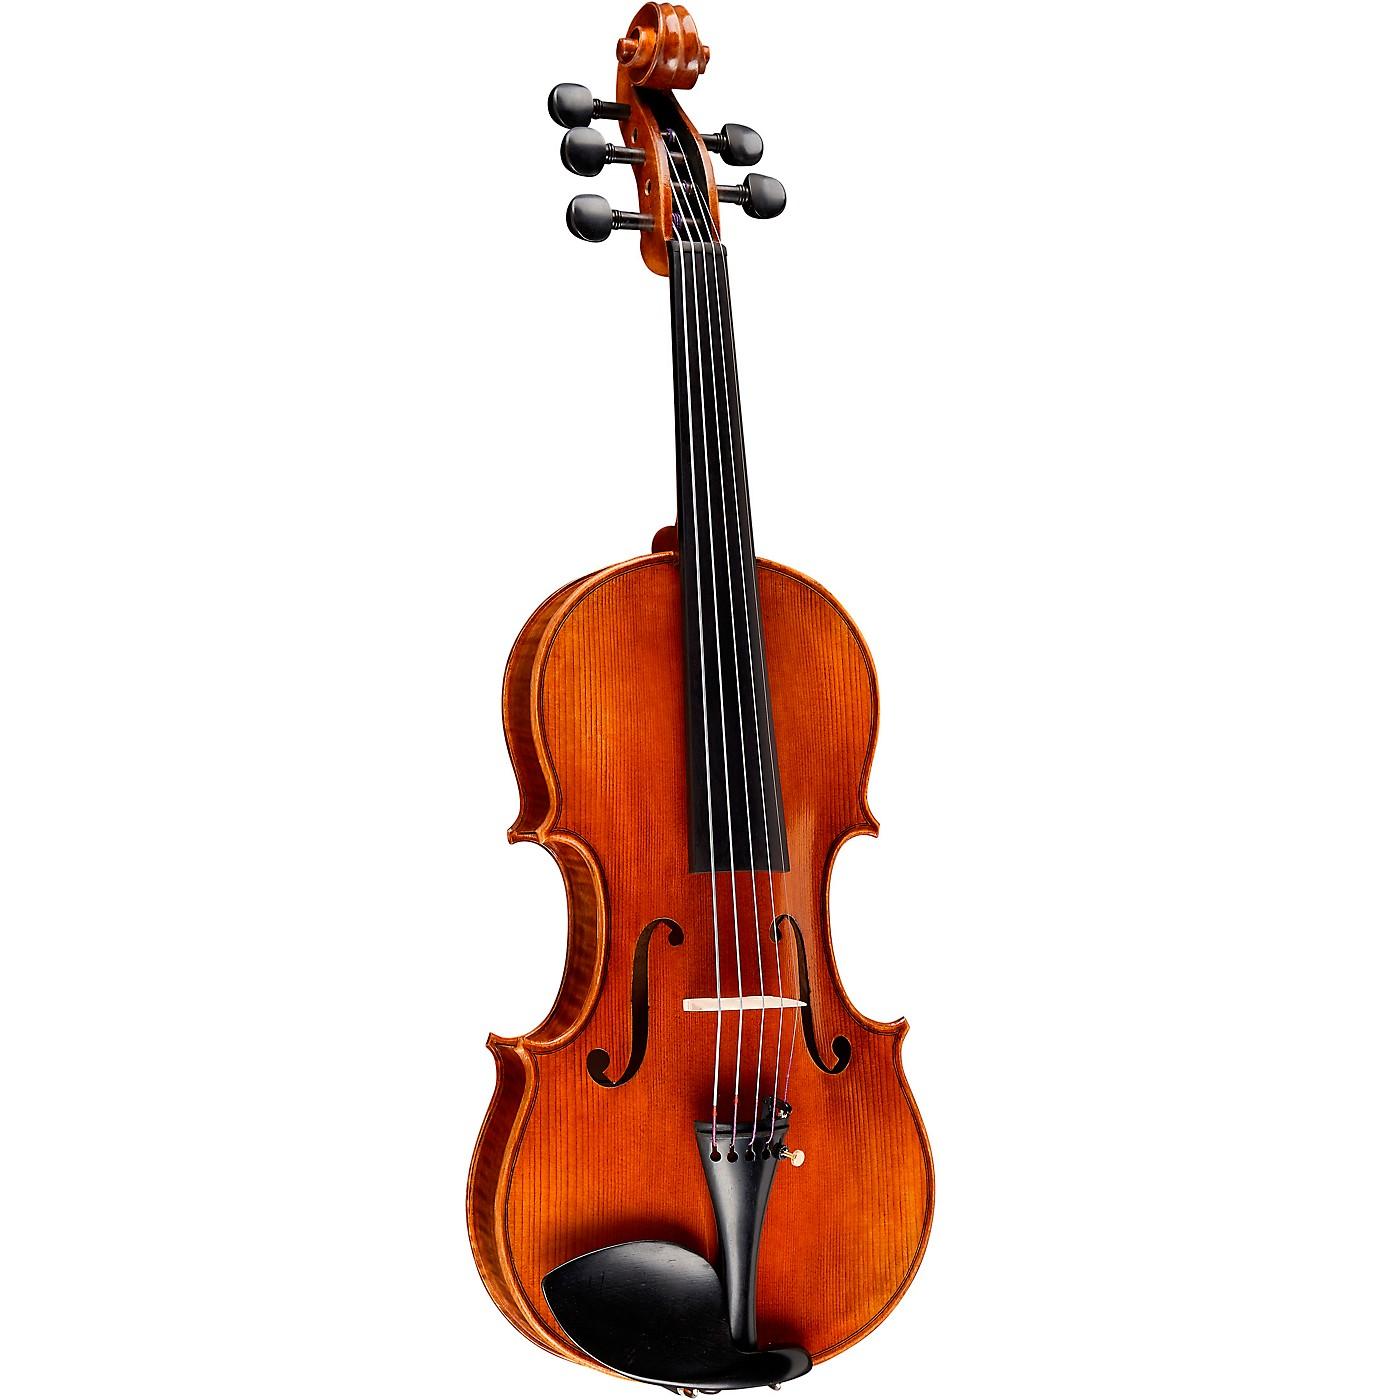 Bellafina Violina 5-string Violin Outfit thumbnail